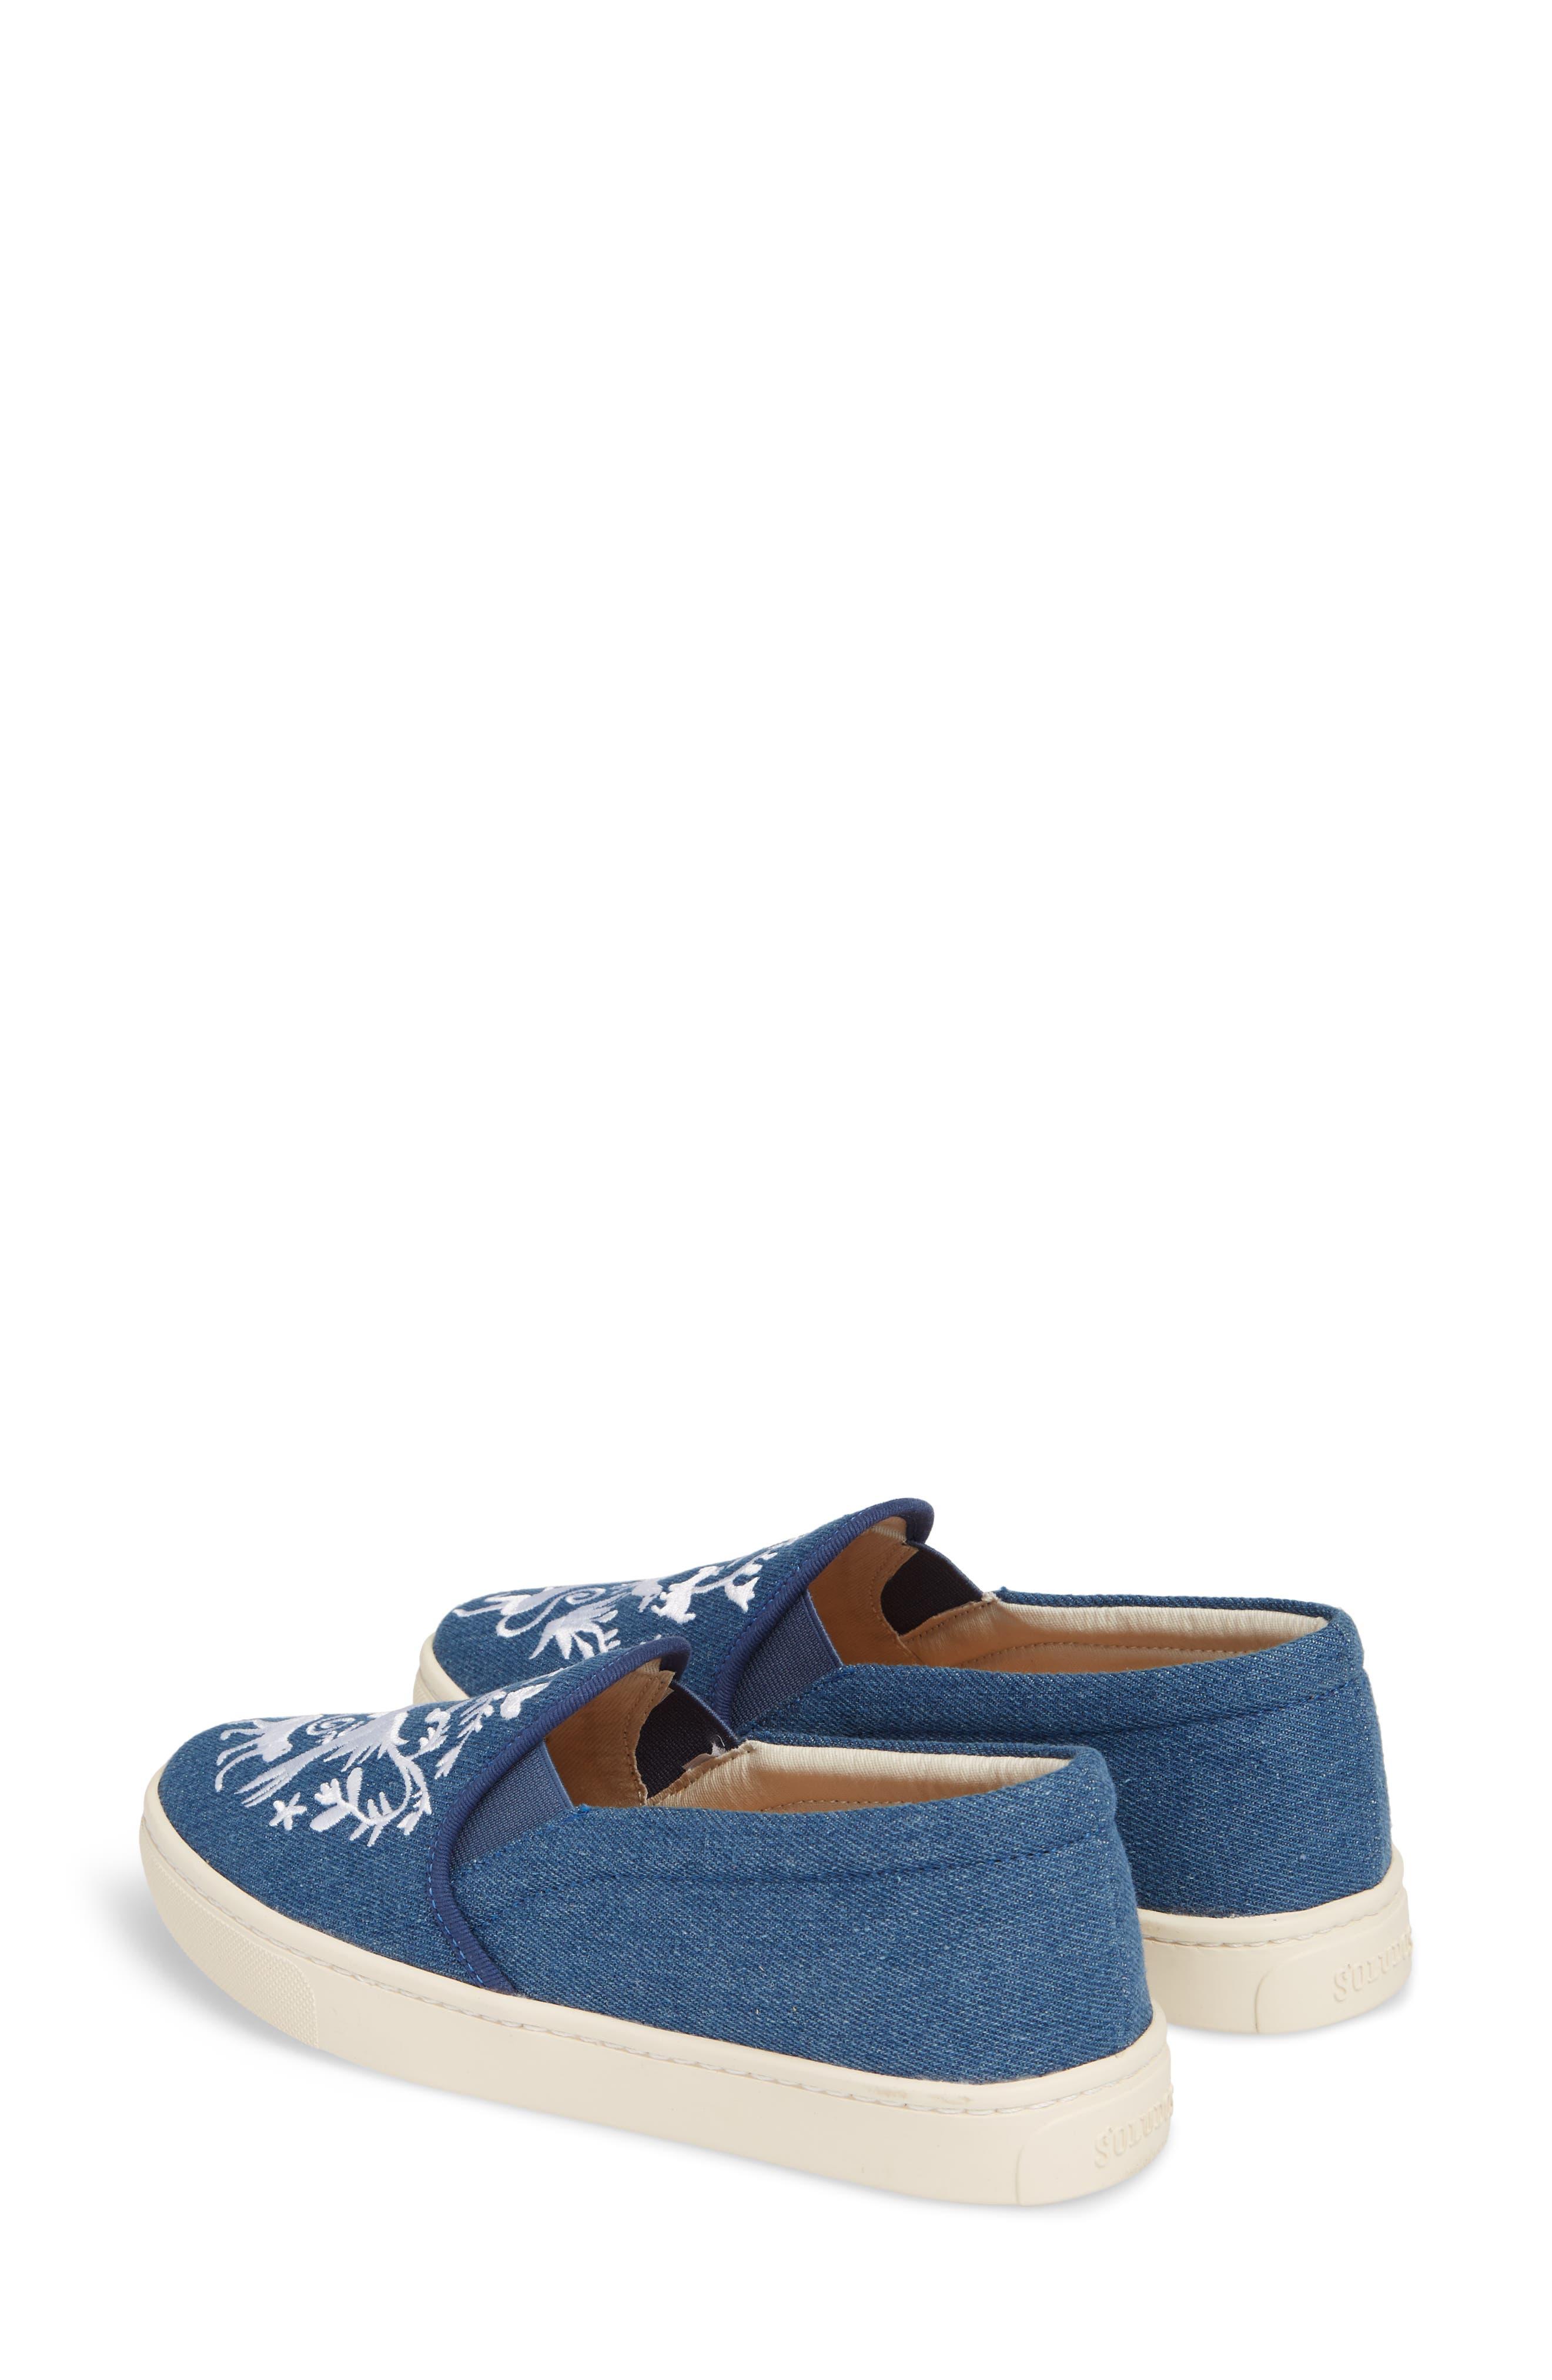 Otomi Slip-On Sneaker,                             Alternate thumbnail 3, color,                             Denim Fabric